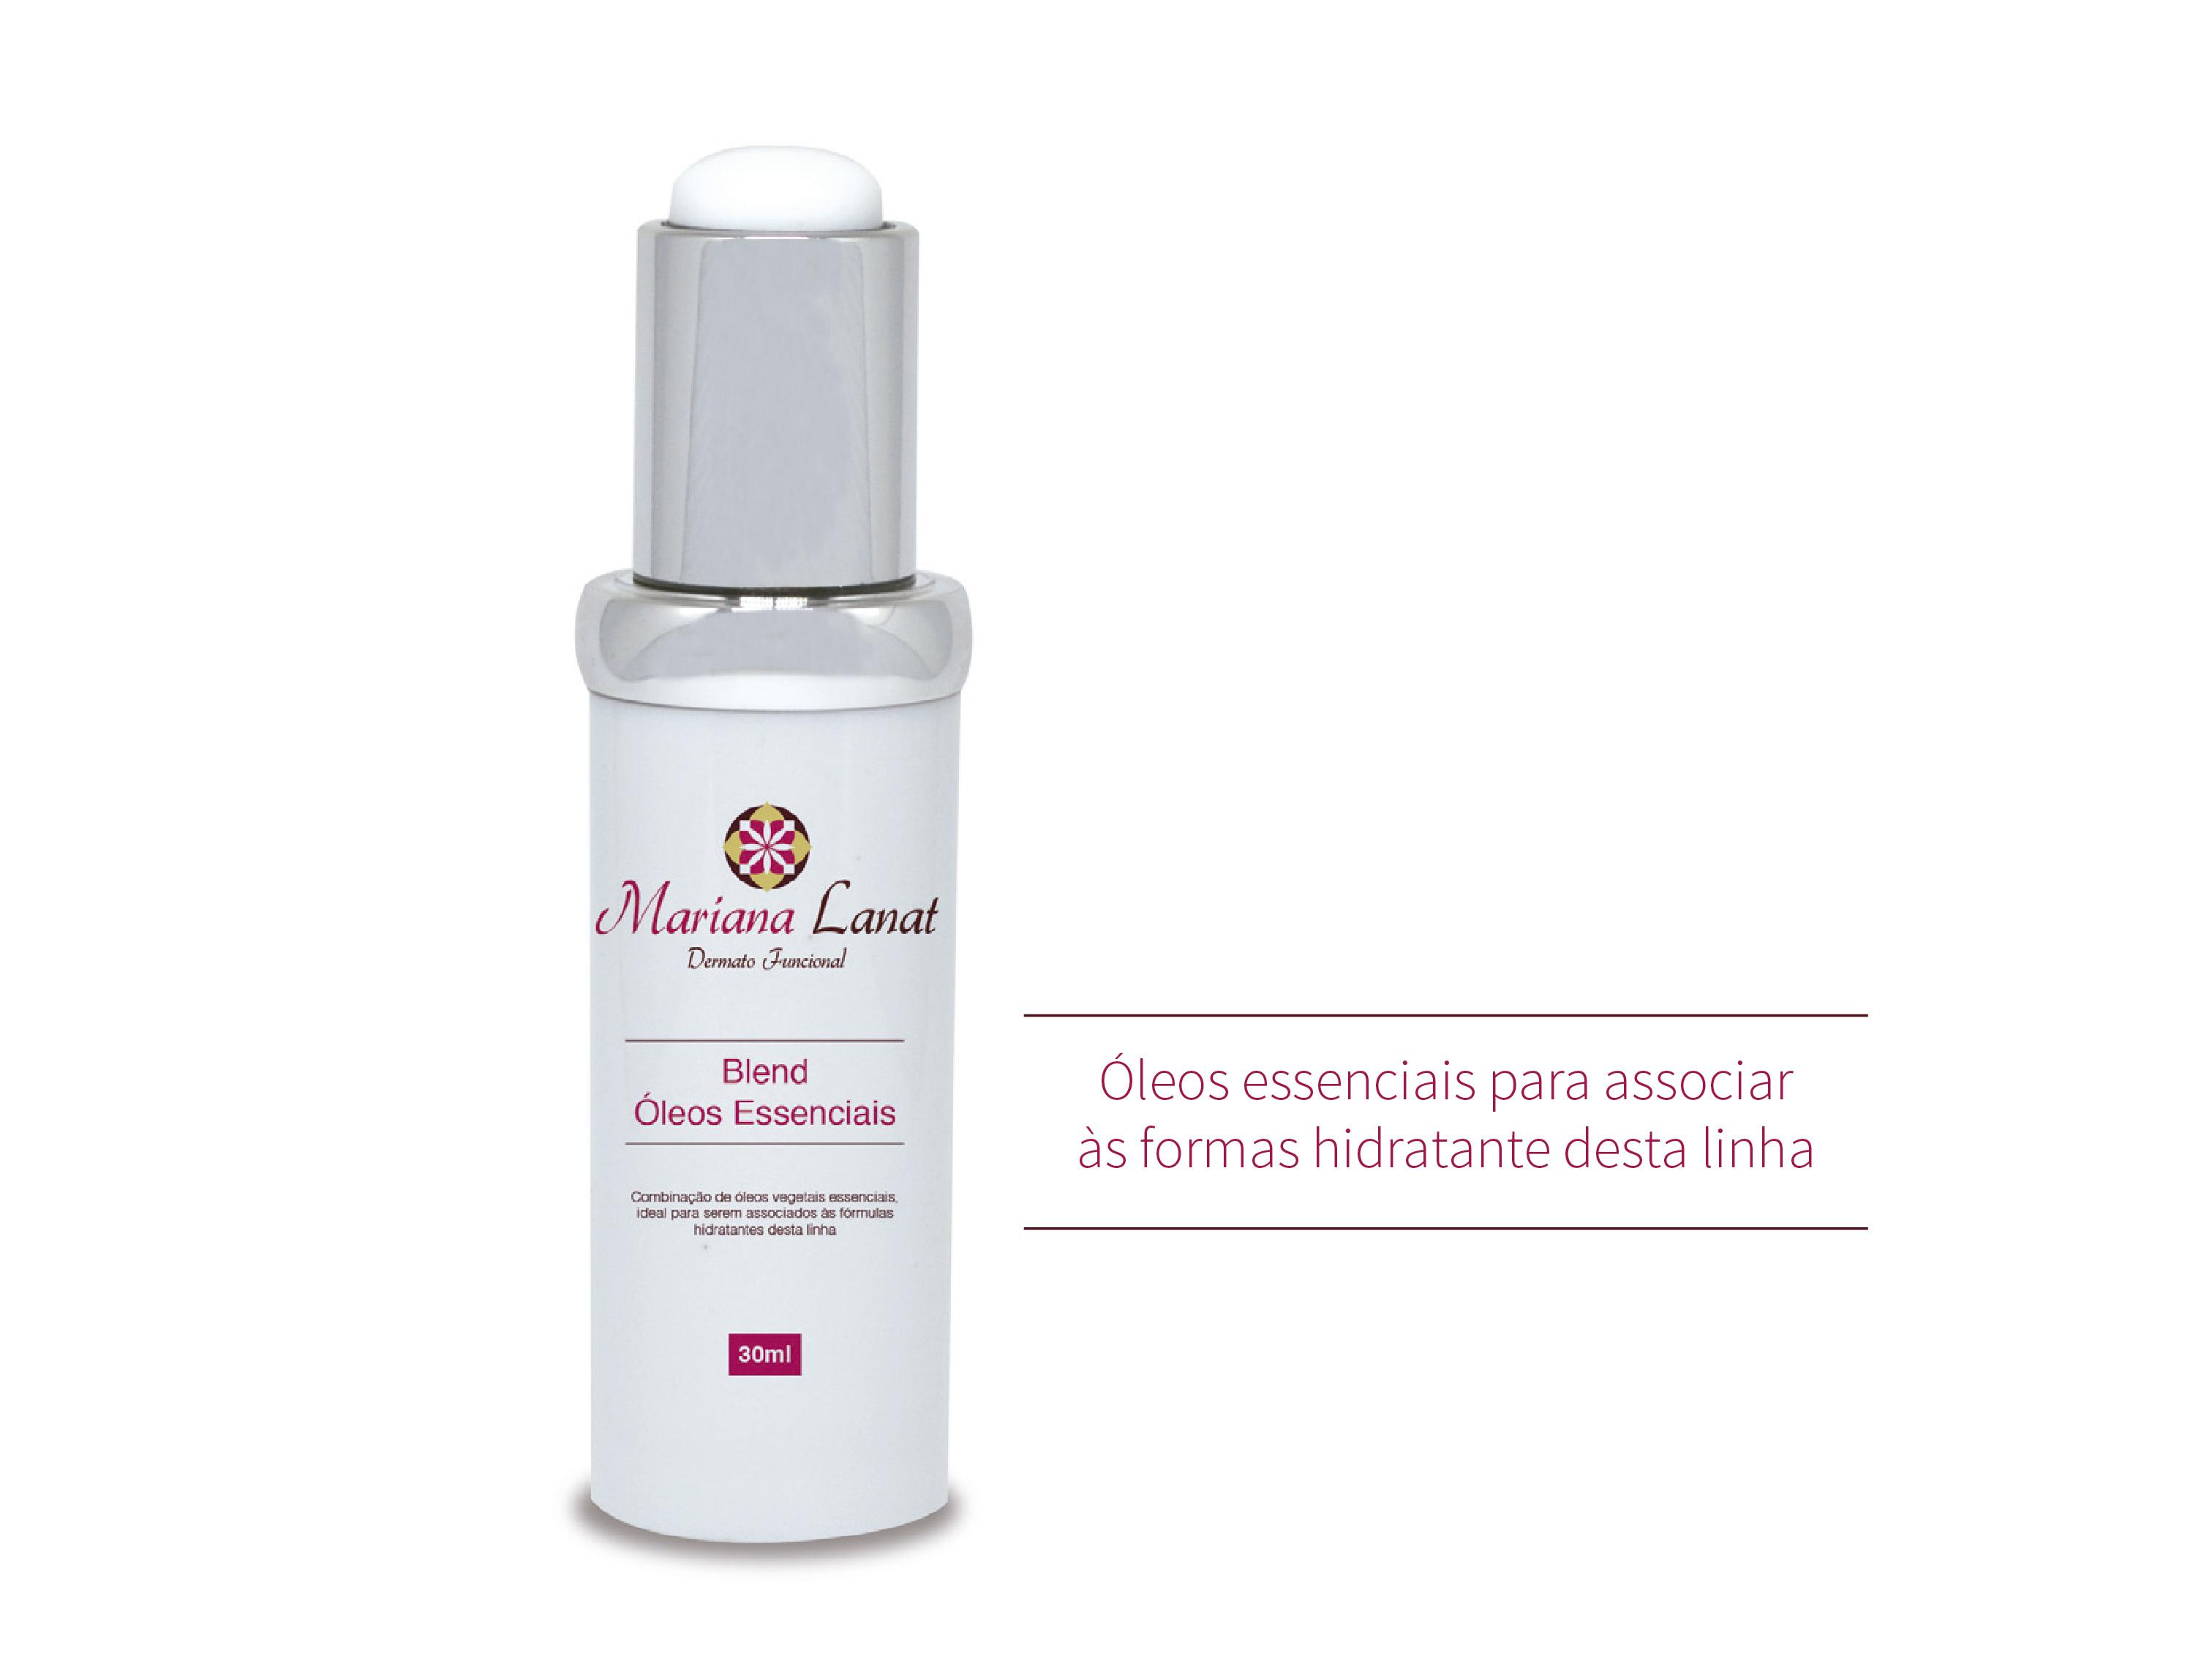 Combinação de óleos vegetais essenciais, ideal para serem associados às fórmulas hidratantes desta linh